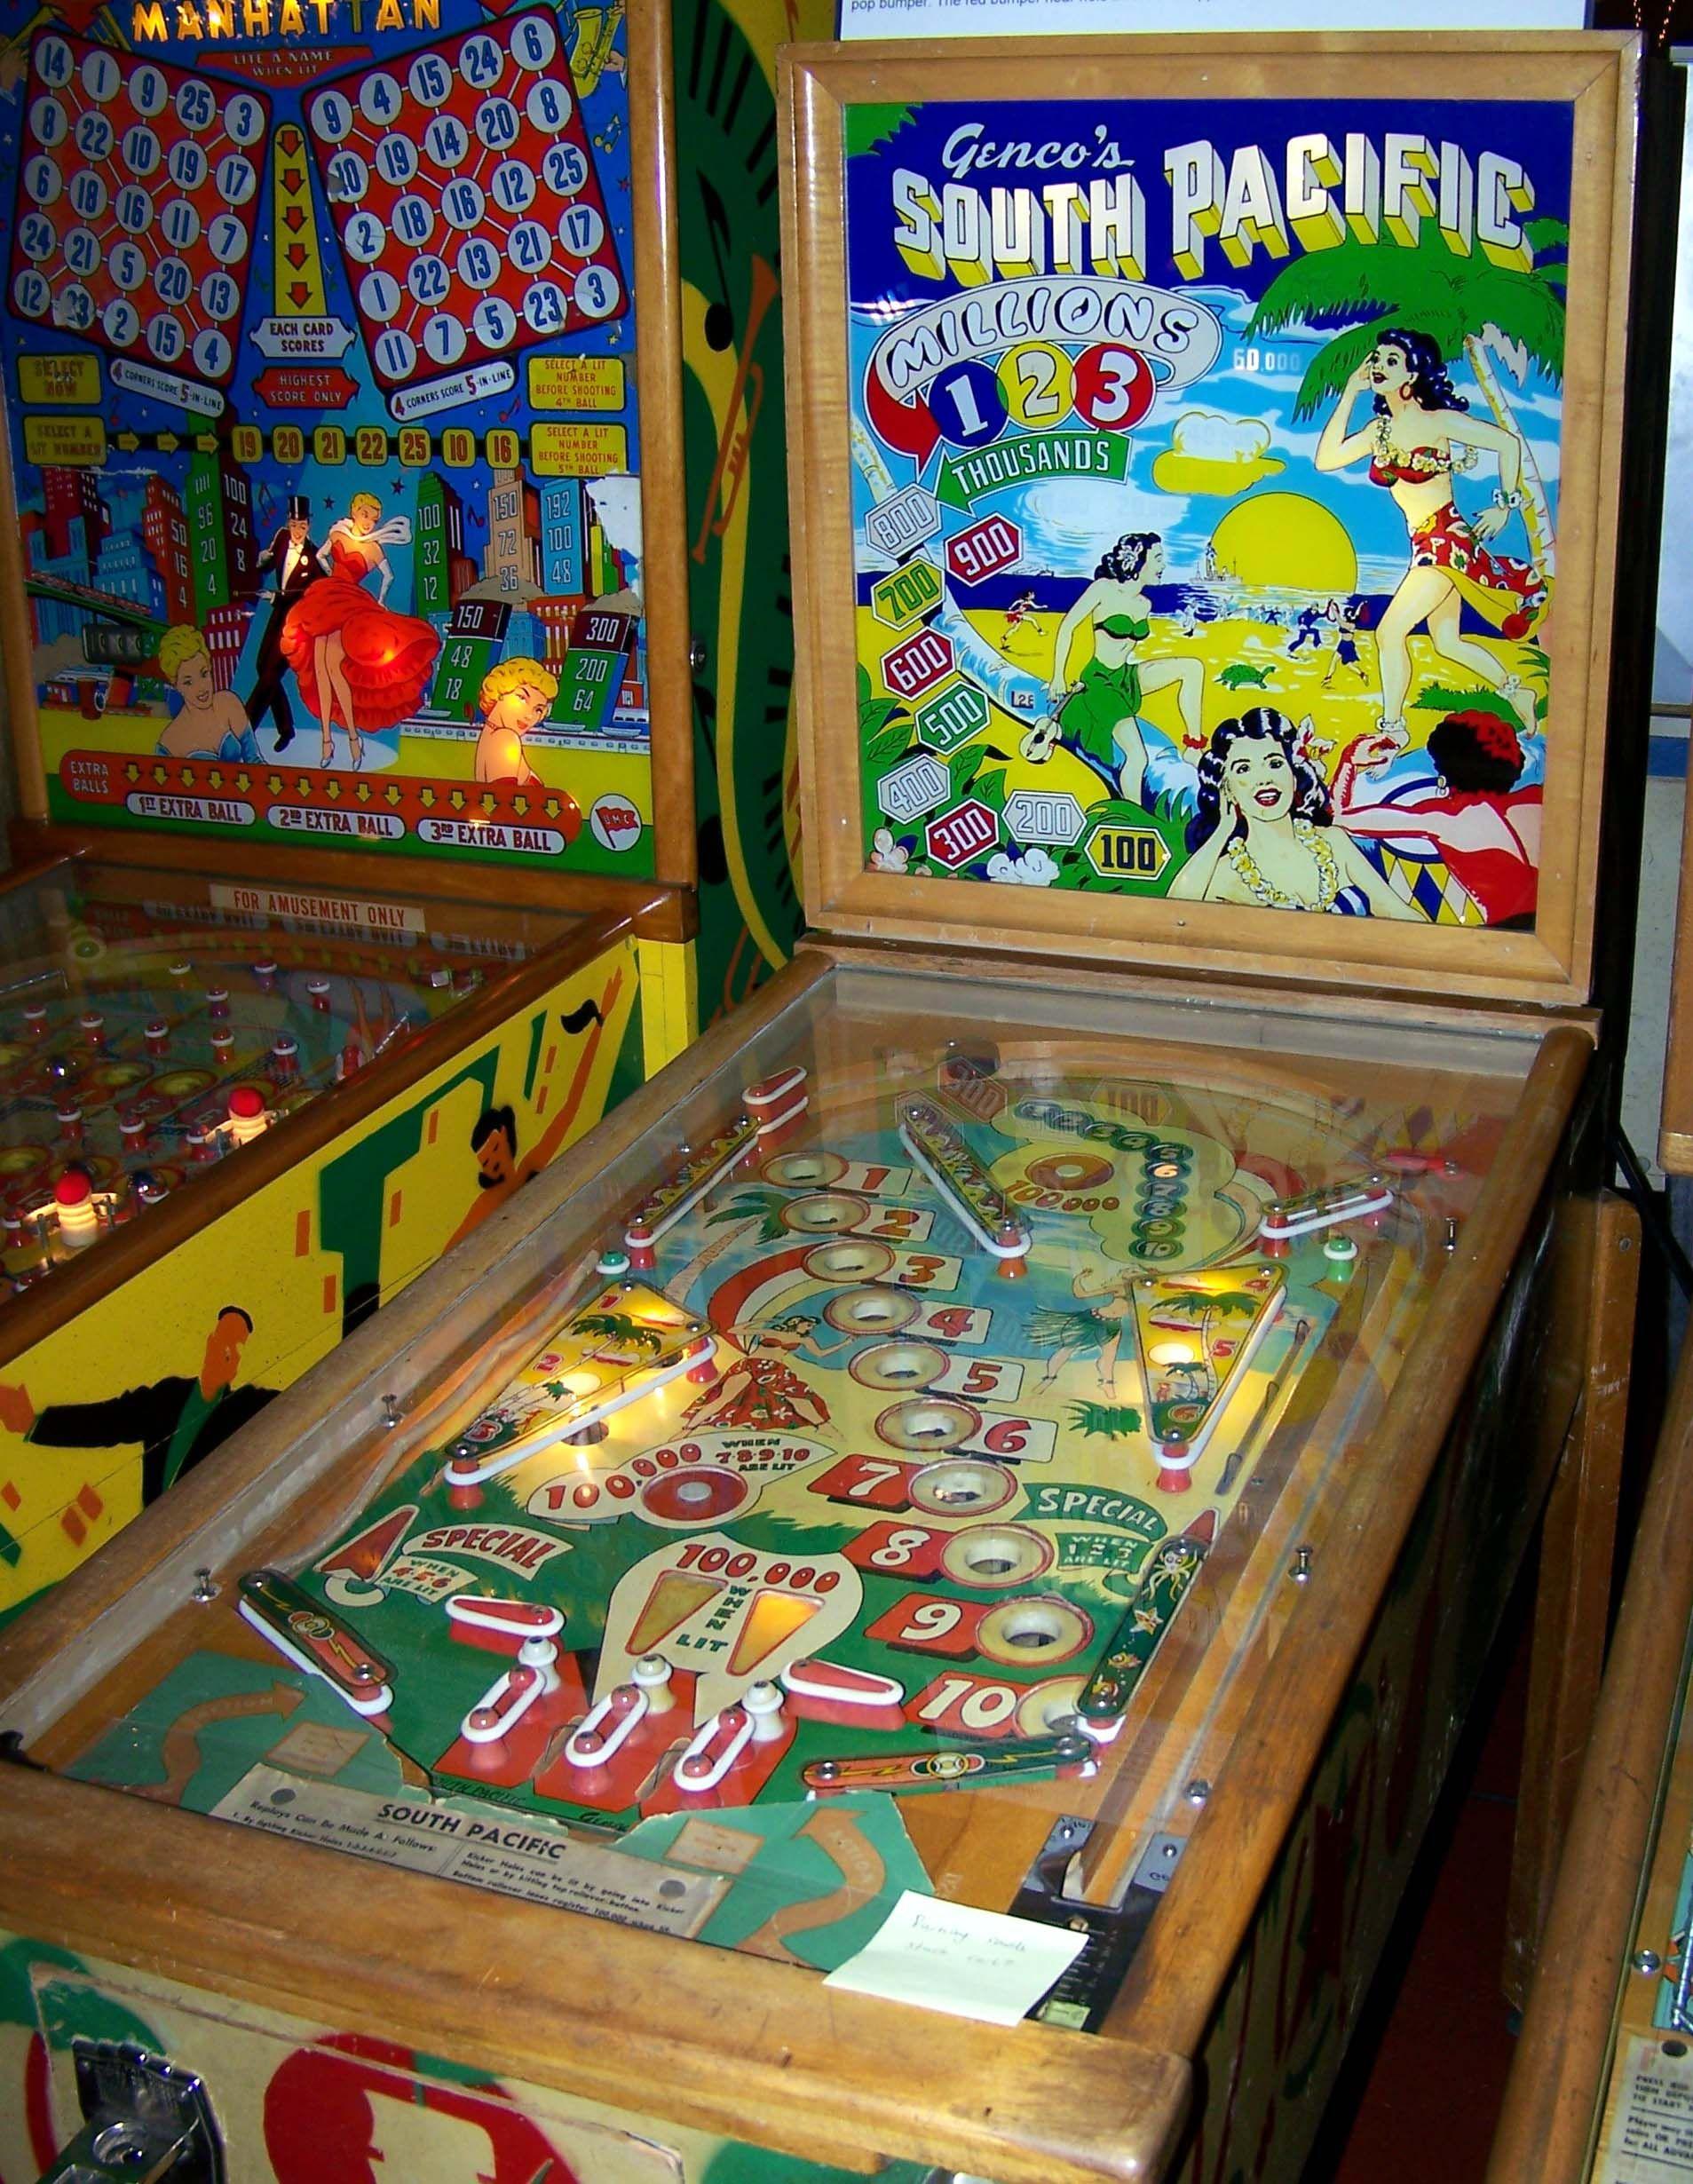 """1950 South Pacífic """"Gencos"""" Pinball Machine Pinball"""